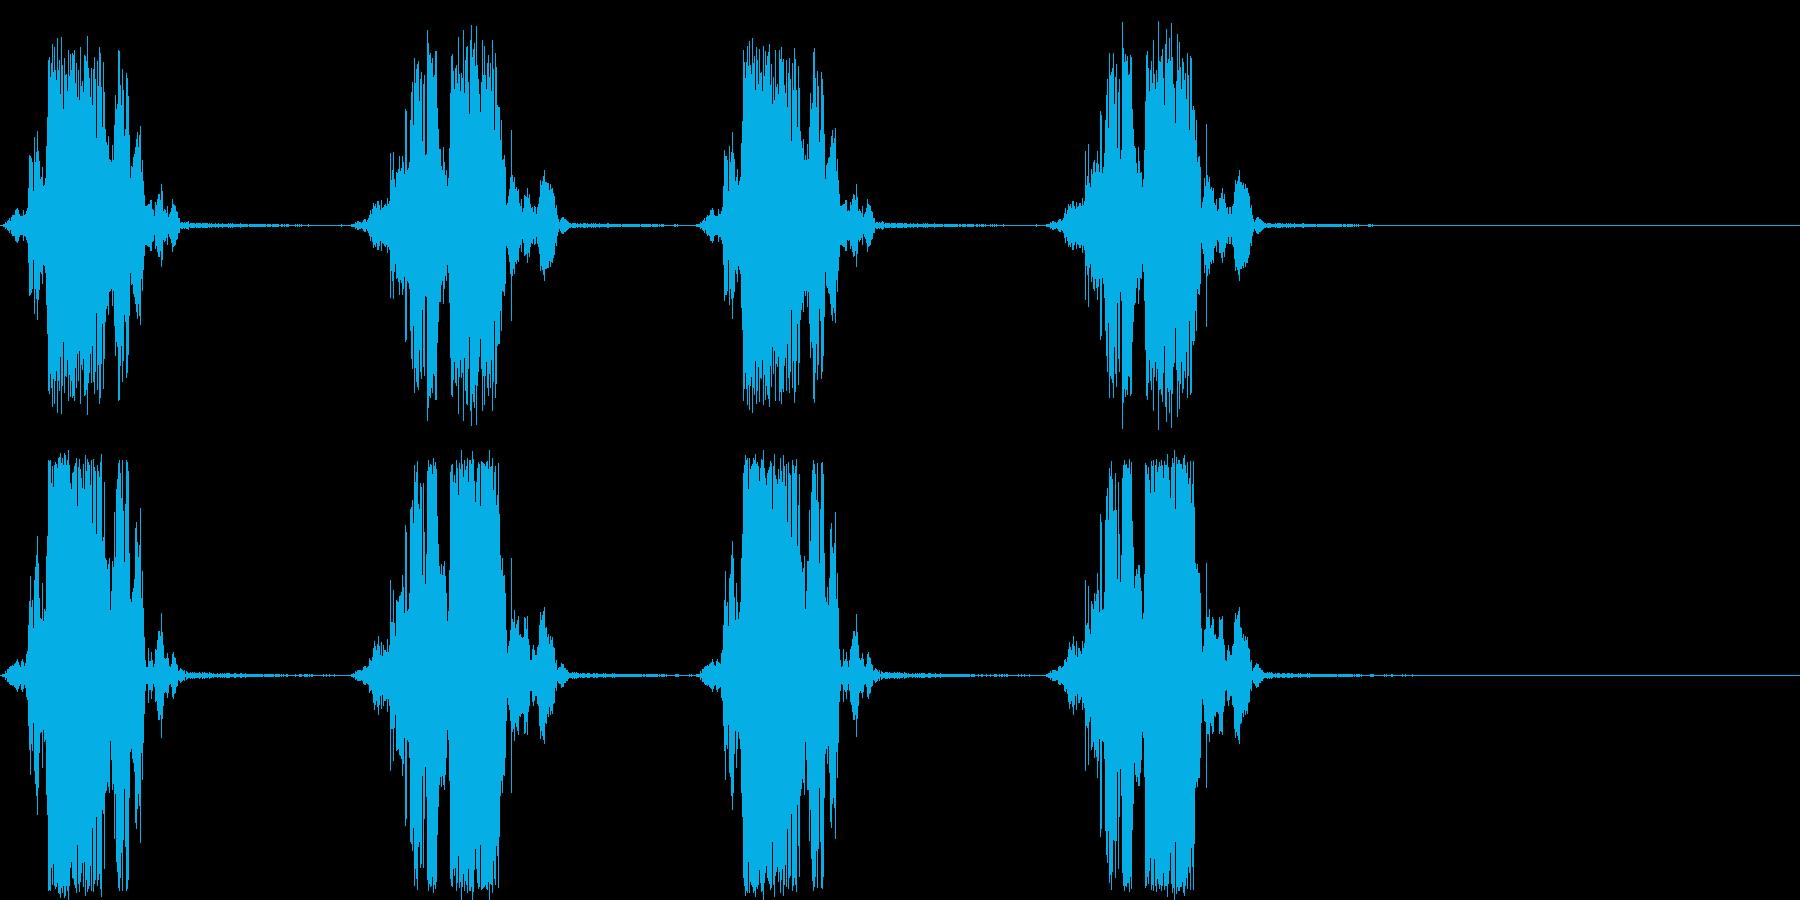 ザクザクザクザク 穴掘りの音の再生済みの波形